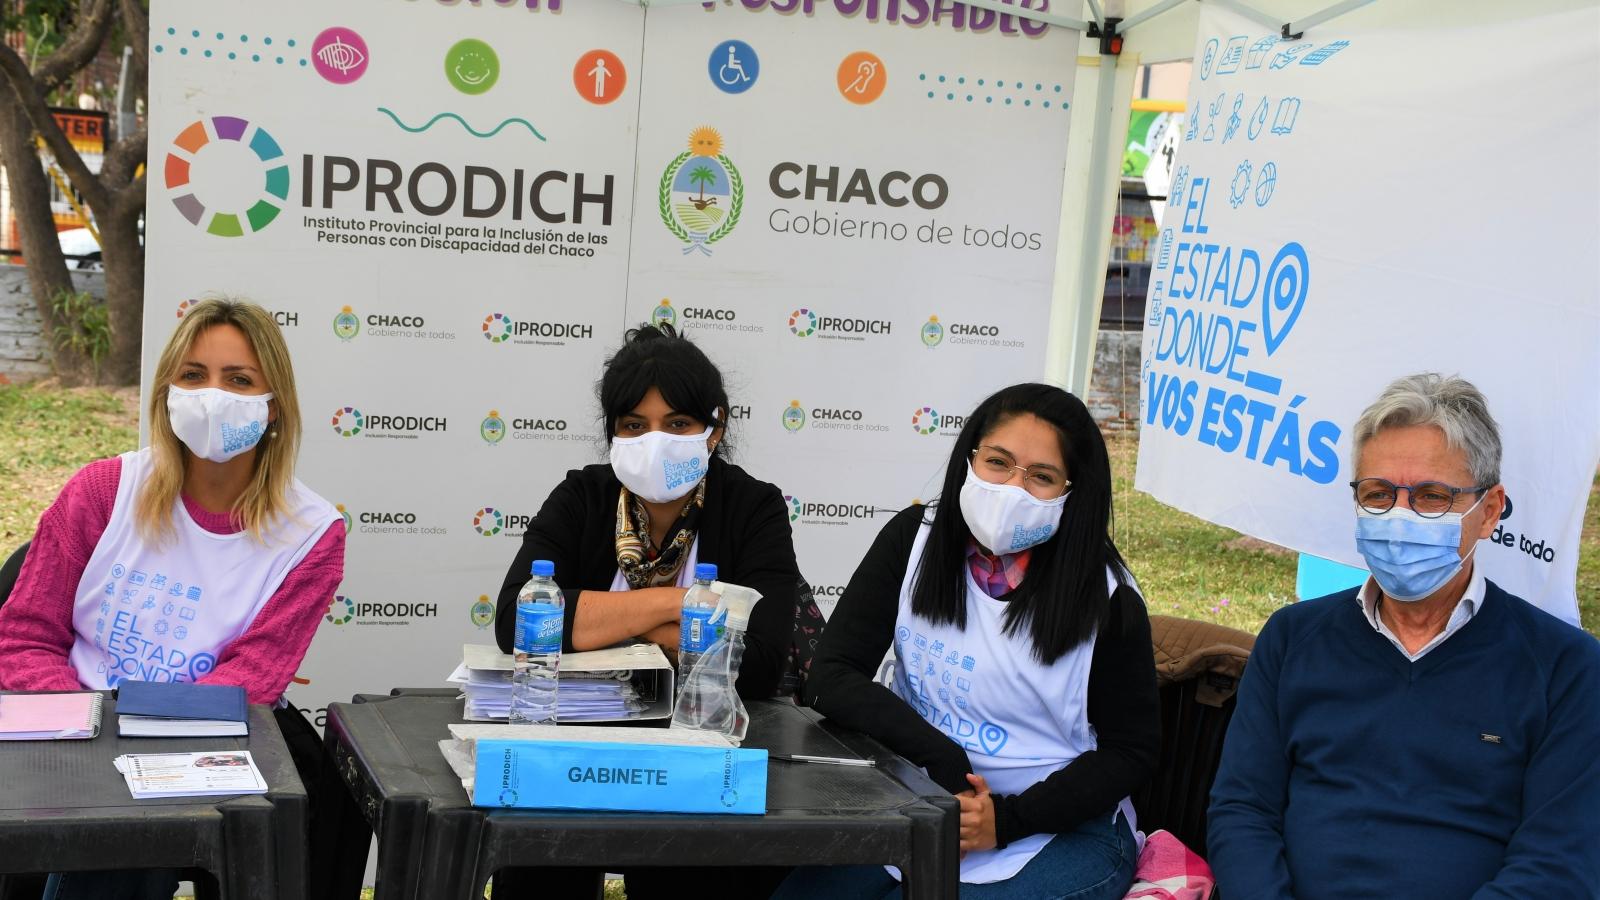 El presidente Lorenzo junto a trabajadoras del IPRODICH sonríen a cámara en el stand de El Estado donde vos estás